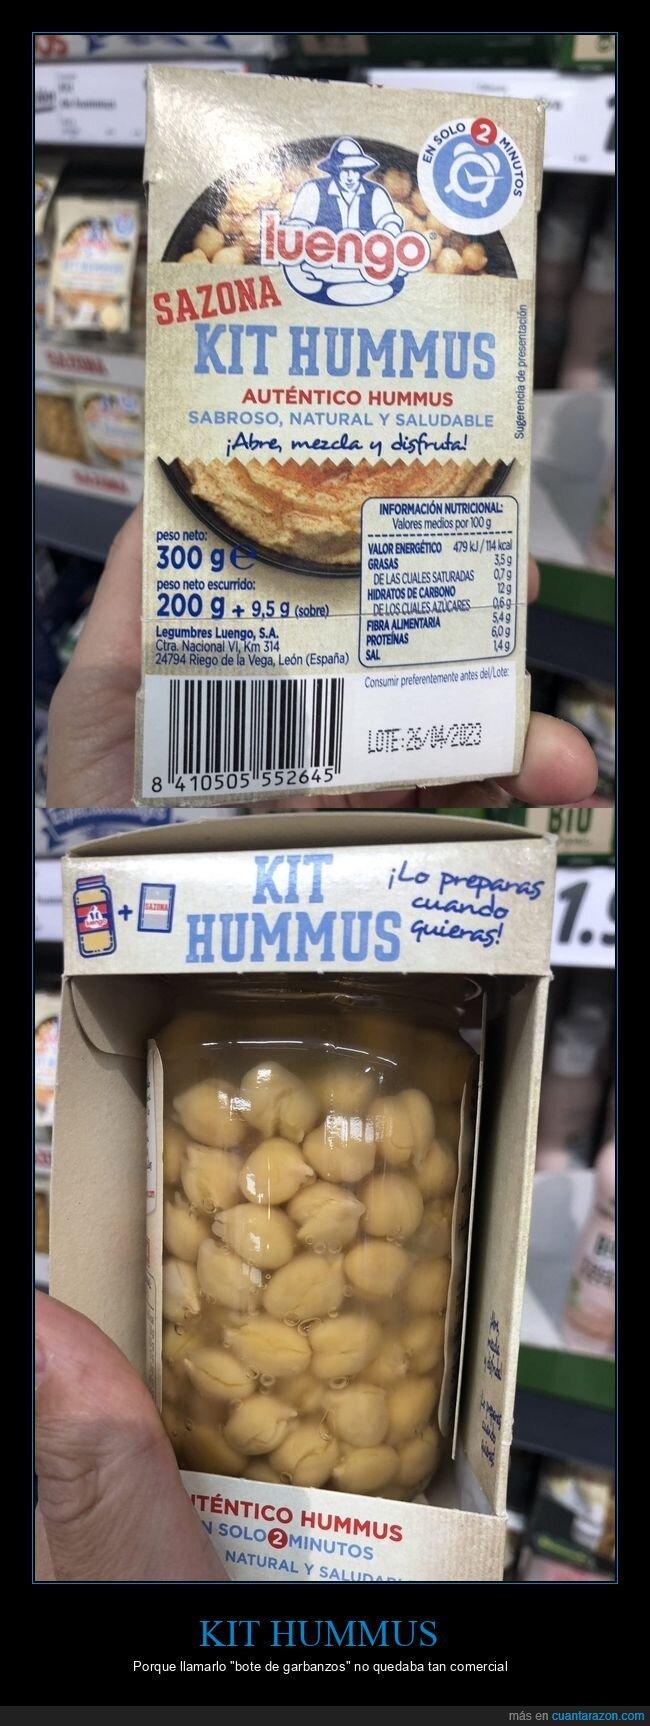 garbanzos,hummus,kit